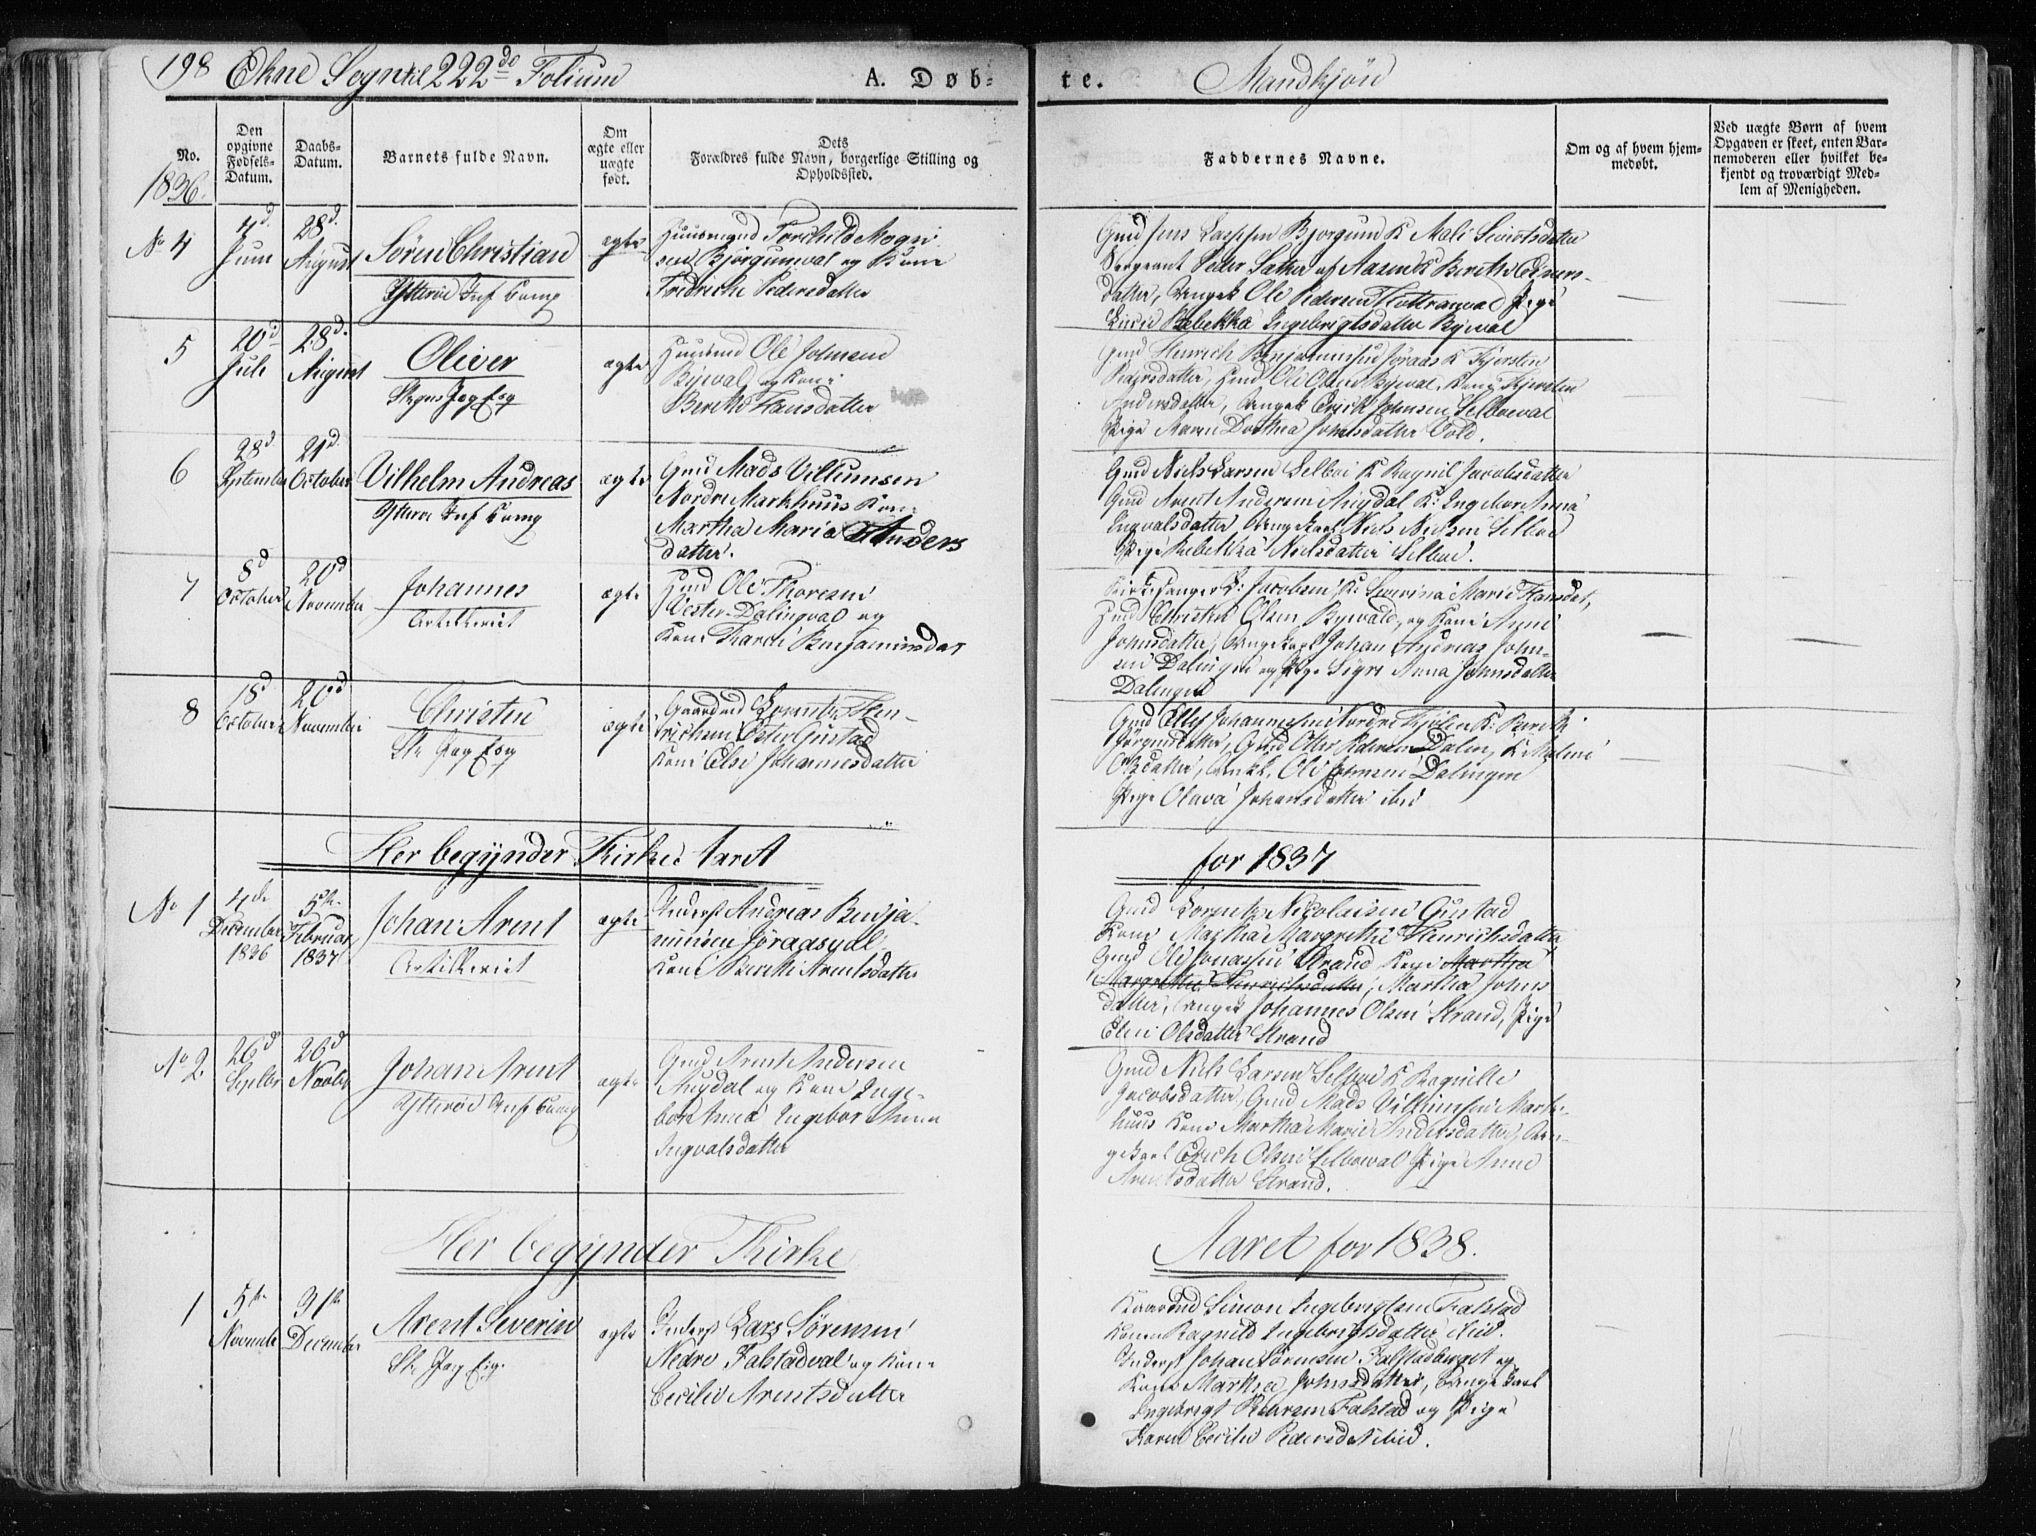 SAT, Ministerialprotokoller, klokkerbøker og fødselsregistre - Nord-Trøndelag, 717/L0154: Ministerialbok nr. 717A06 /2, 1836-1849, s. 198